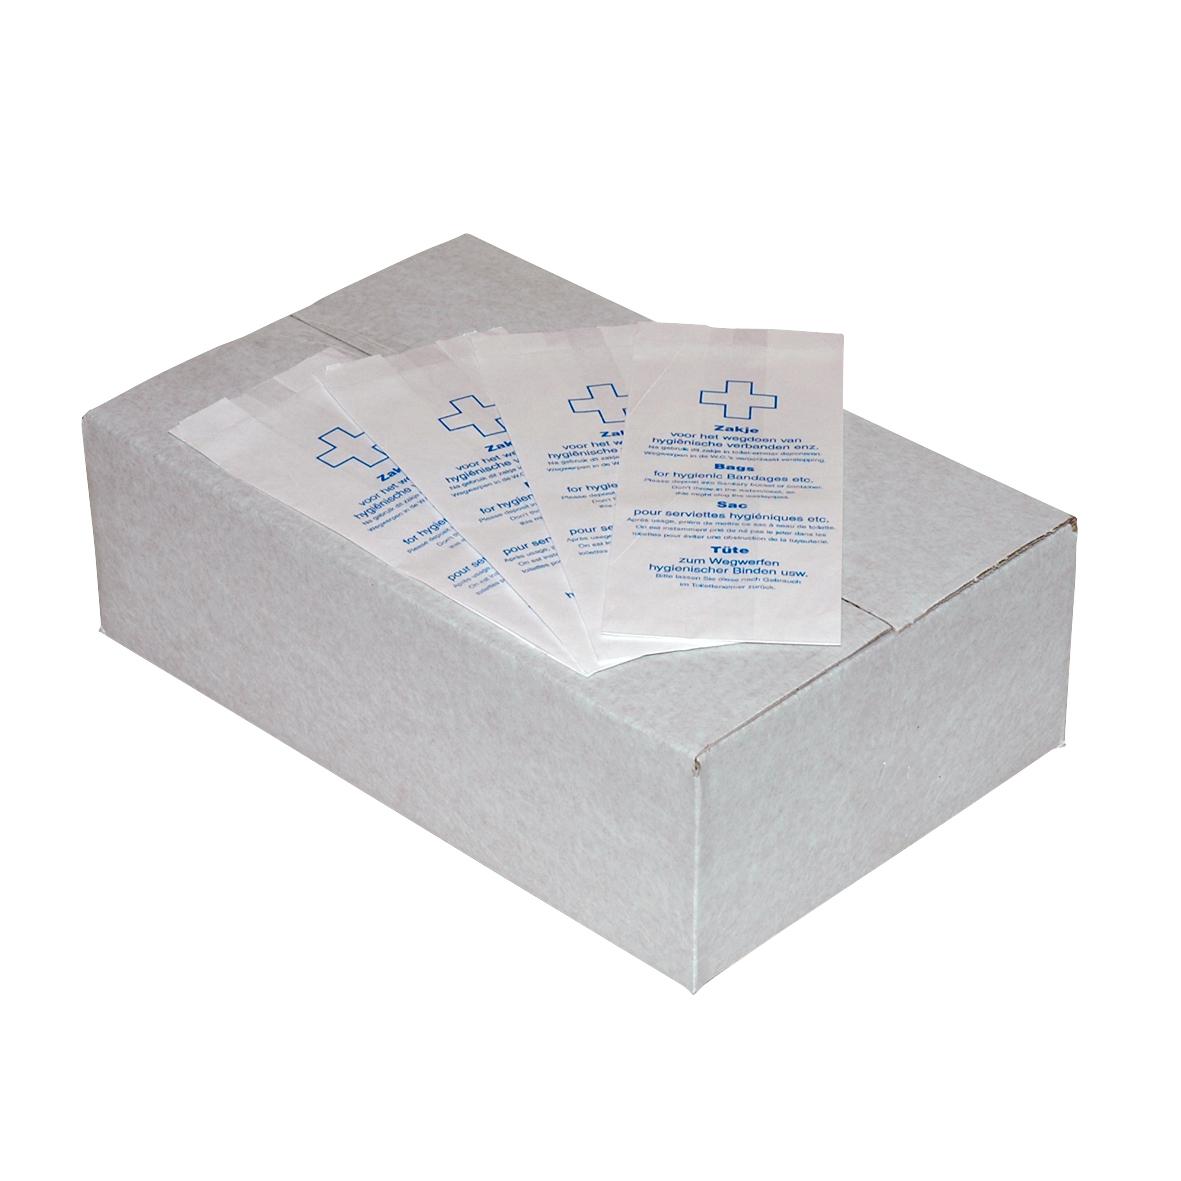 ALL CARE Dispenserline - Hygienezakjes Papier DB